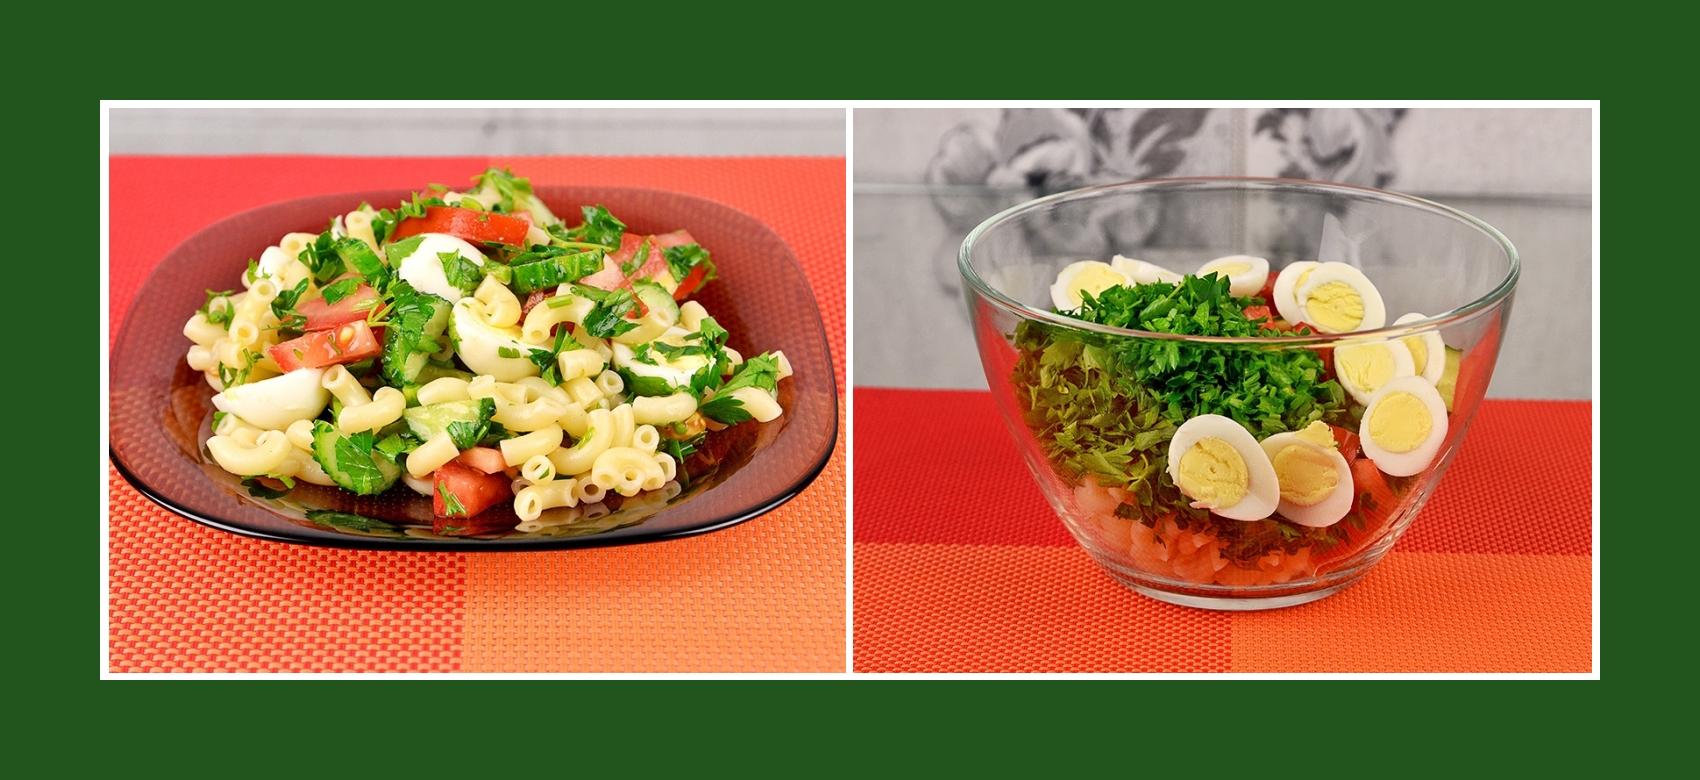 Salat mit Nudeln, Wachteleiern, frischem Kraut und Gemüse